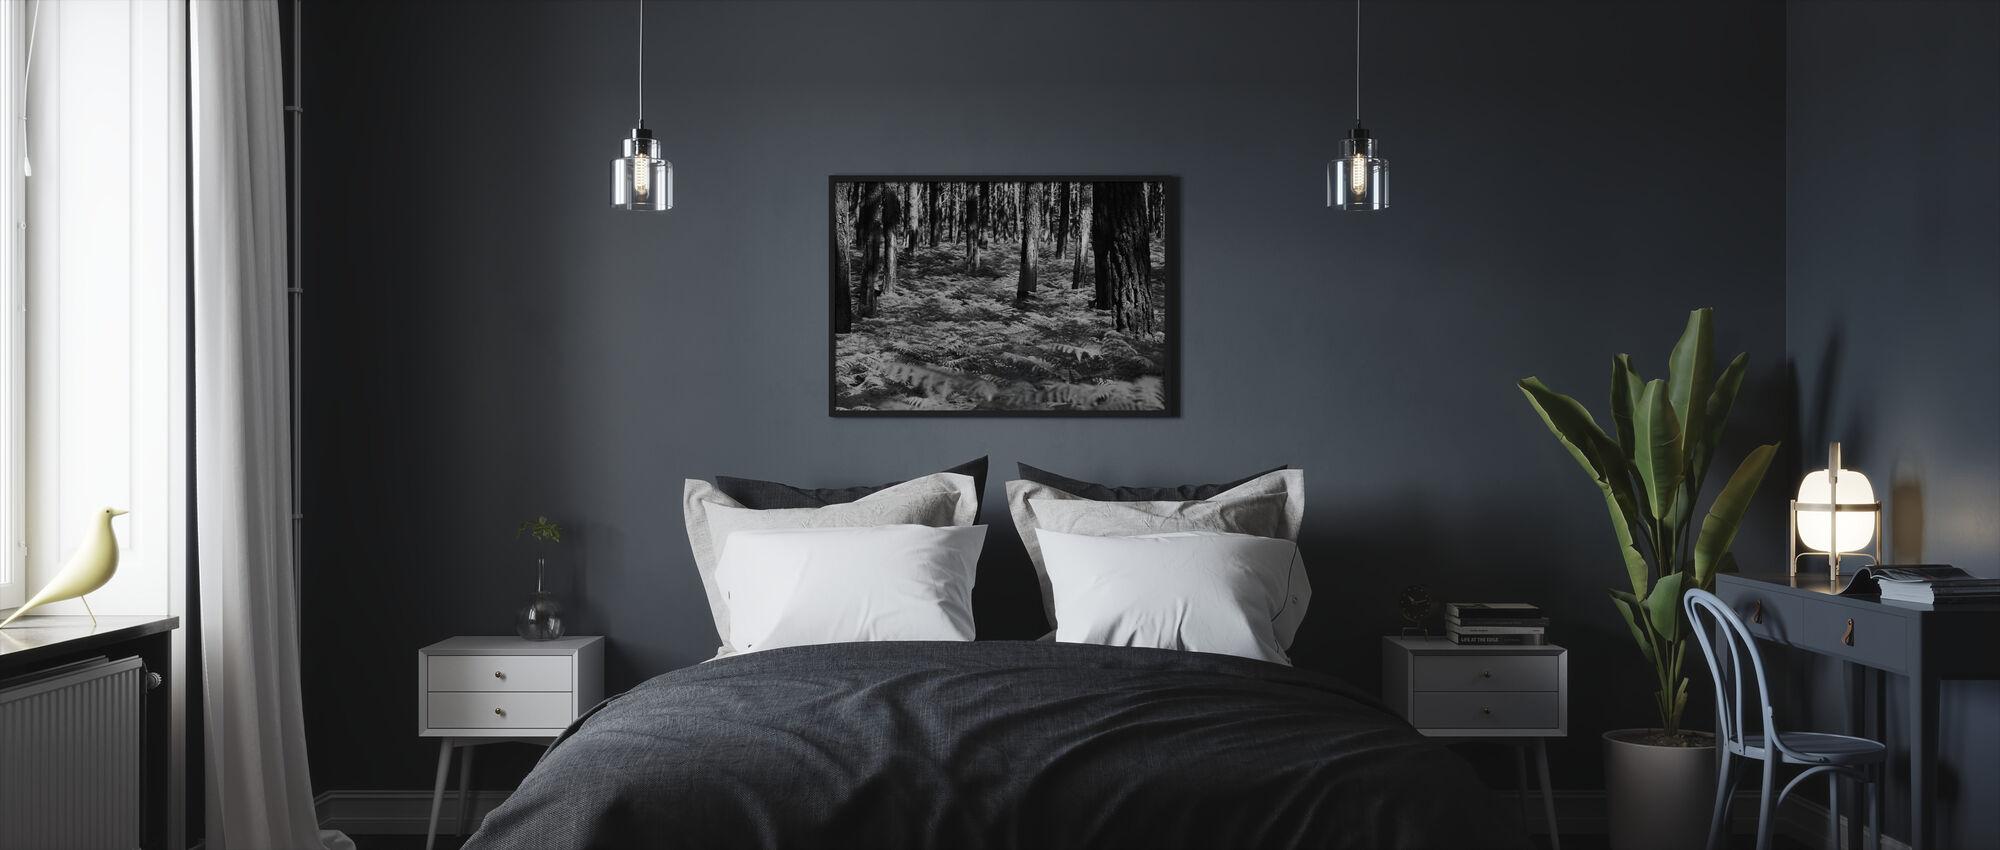 Vihreä harmonia - b/w - Kehystetty kuva - Makuuhuone